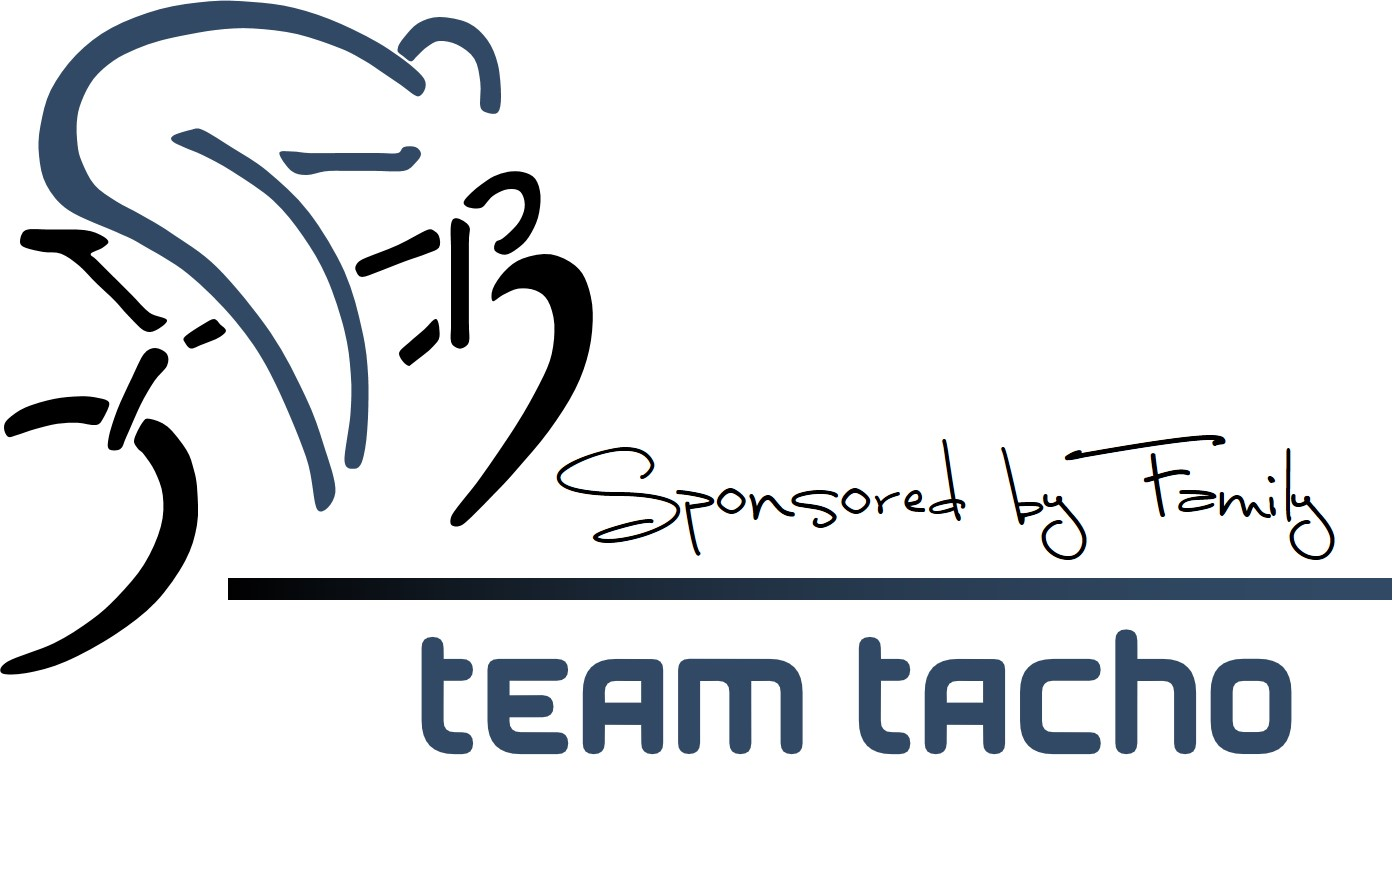 Team Tacho